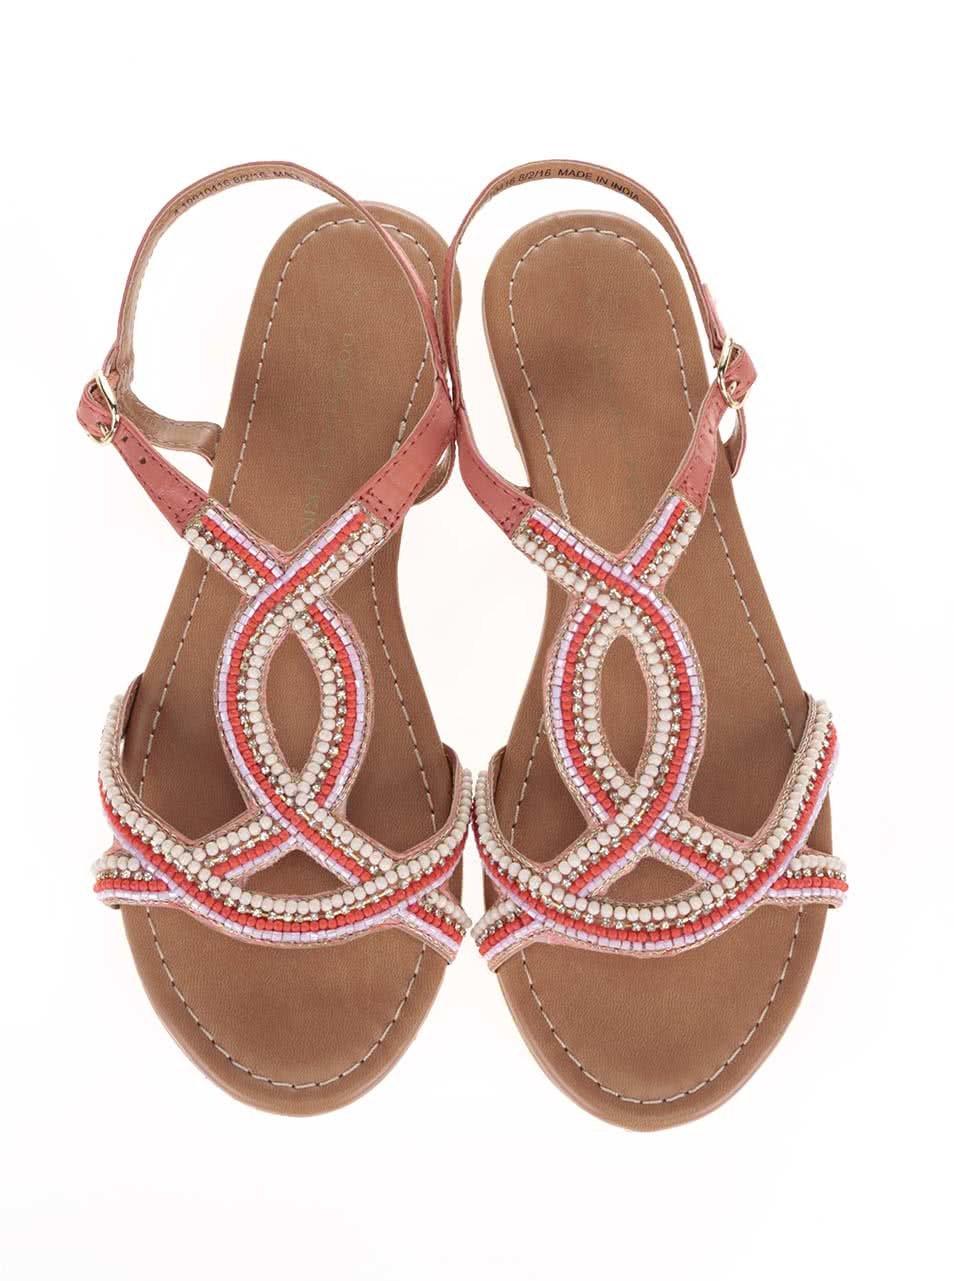 6e379b006ac1 Růžové sandálky s barevnými kamínky Dorothy Perkins ...